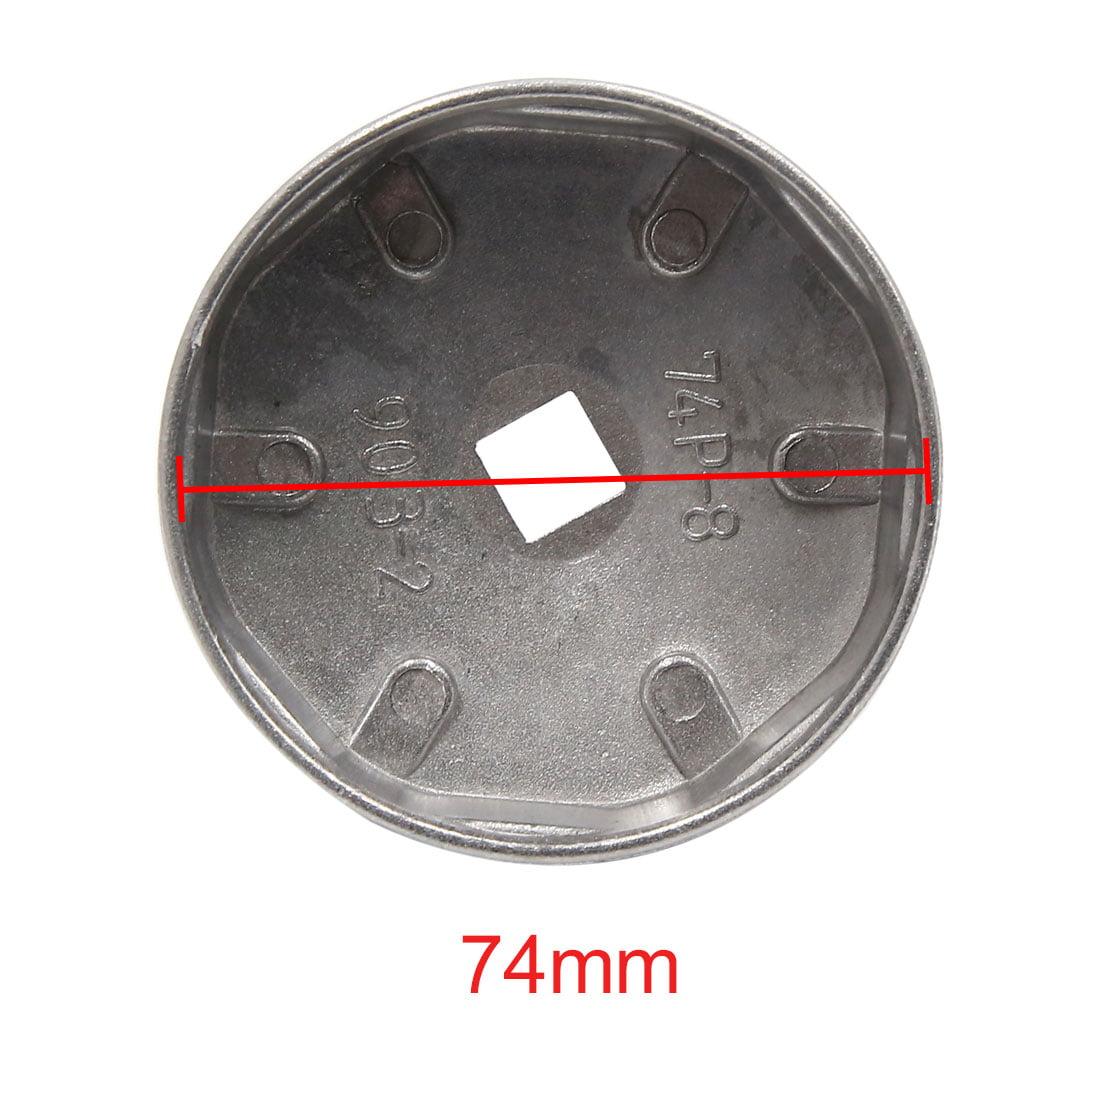 74mm Dia Int 8 Fl tes Métal Clé Filtre Huile Outil Suppression Creuse Voiture - image 1 de 2